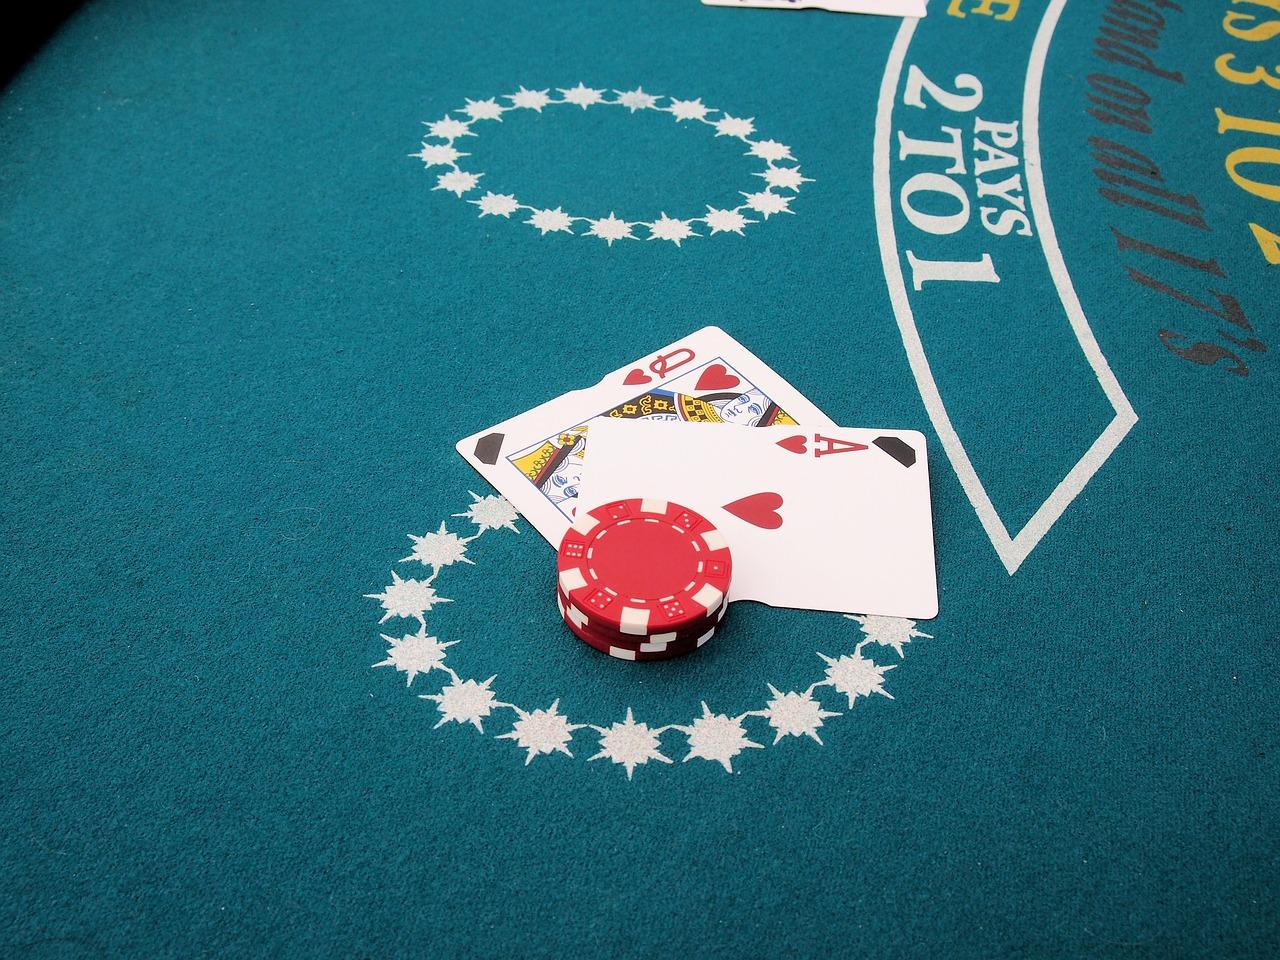 Vous avez aussi des stratégies pour le Blackjack